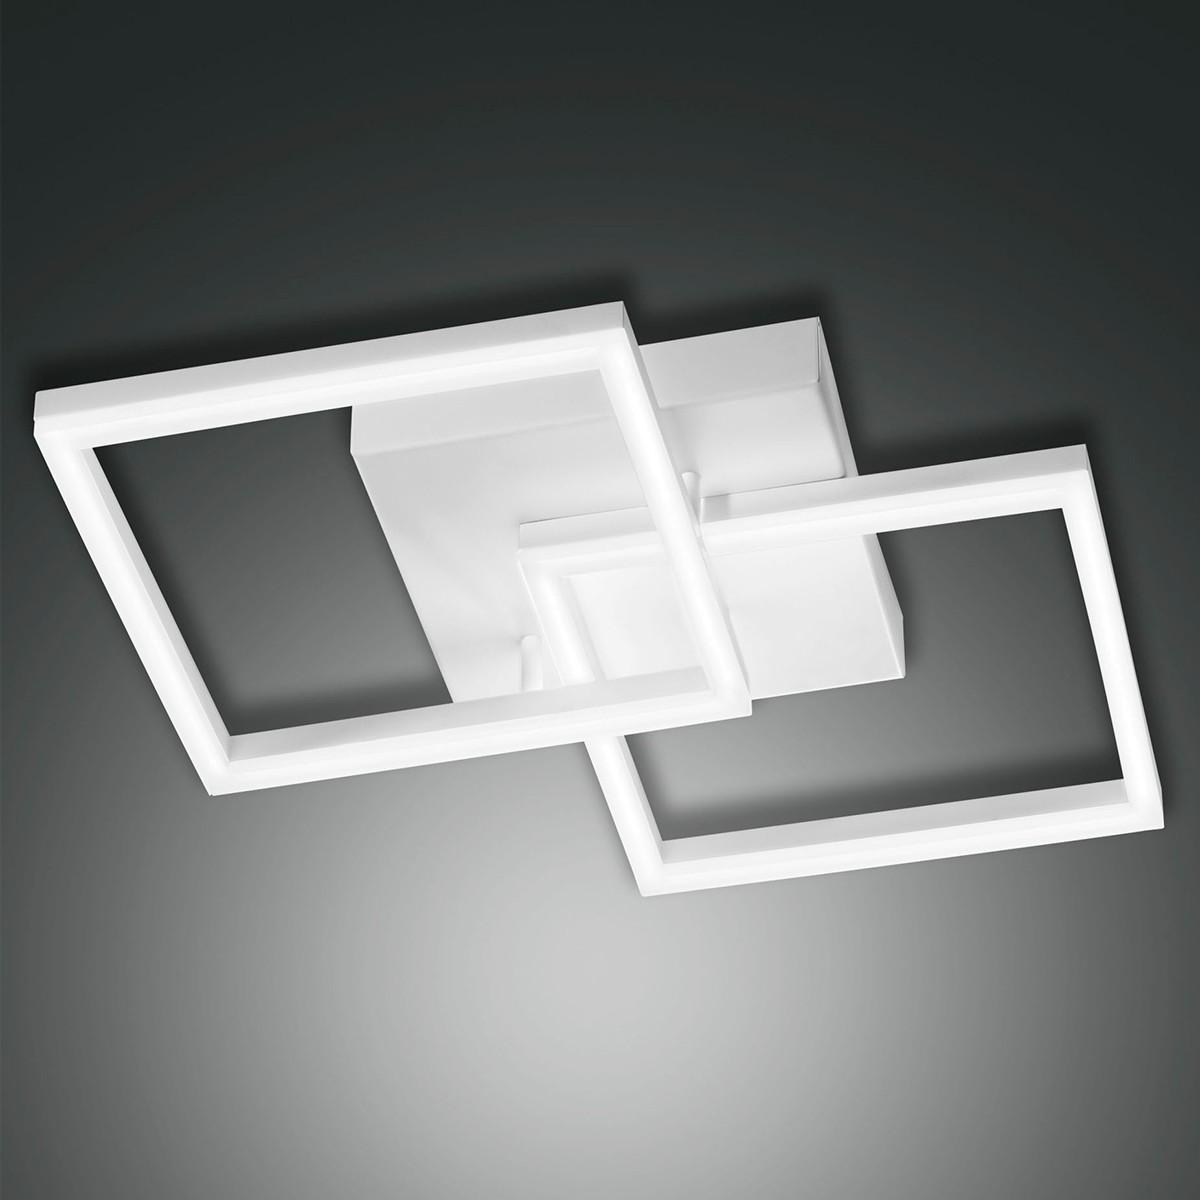 Fabas Luce Bard 3394-22 LED Wand- / Deckenleuchte, weiß